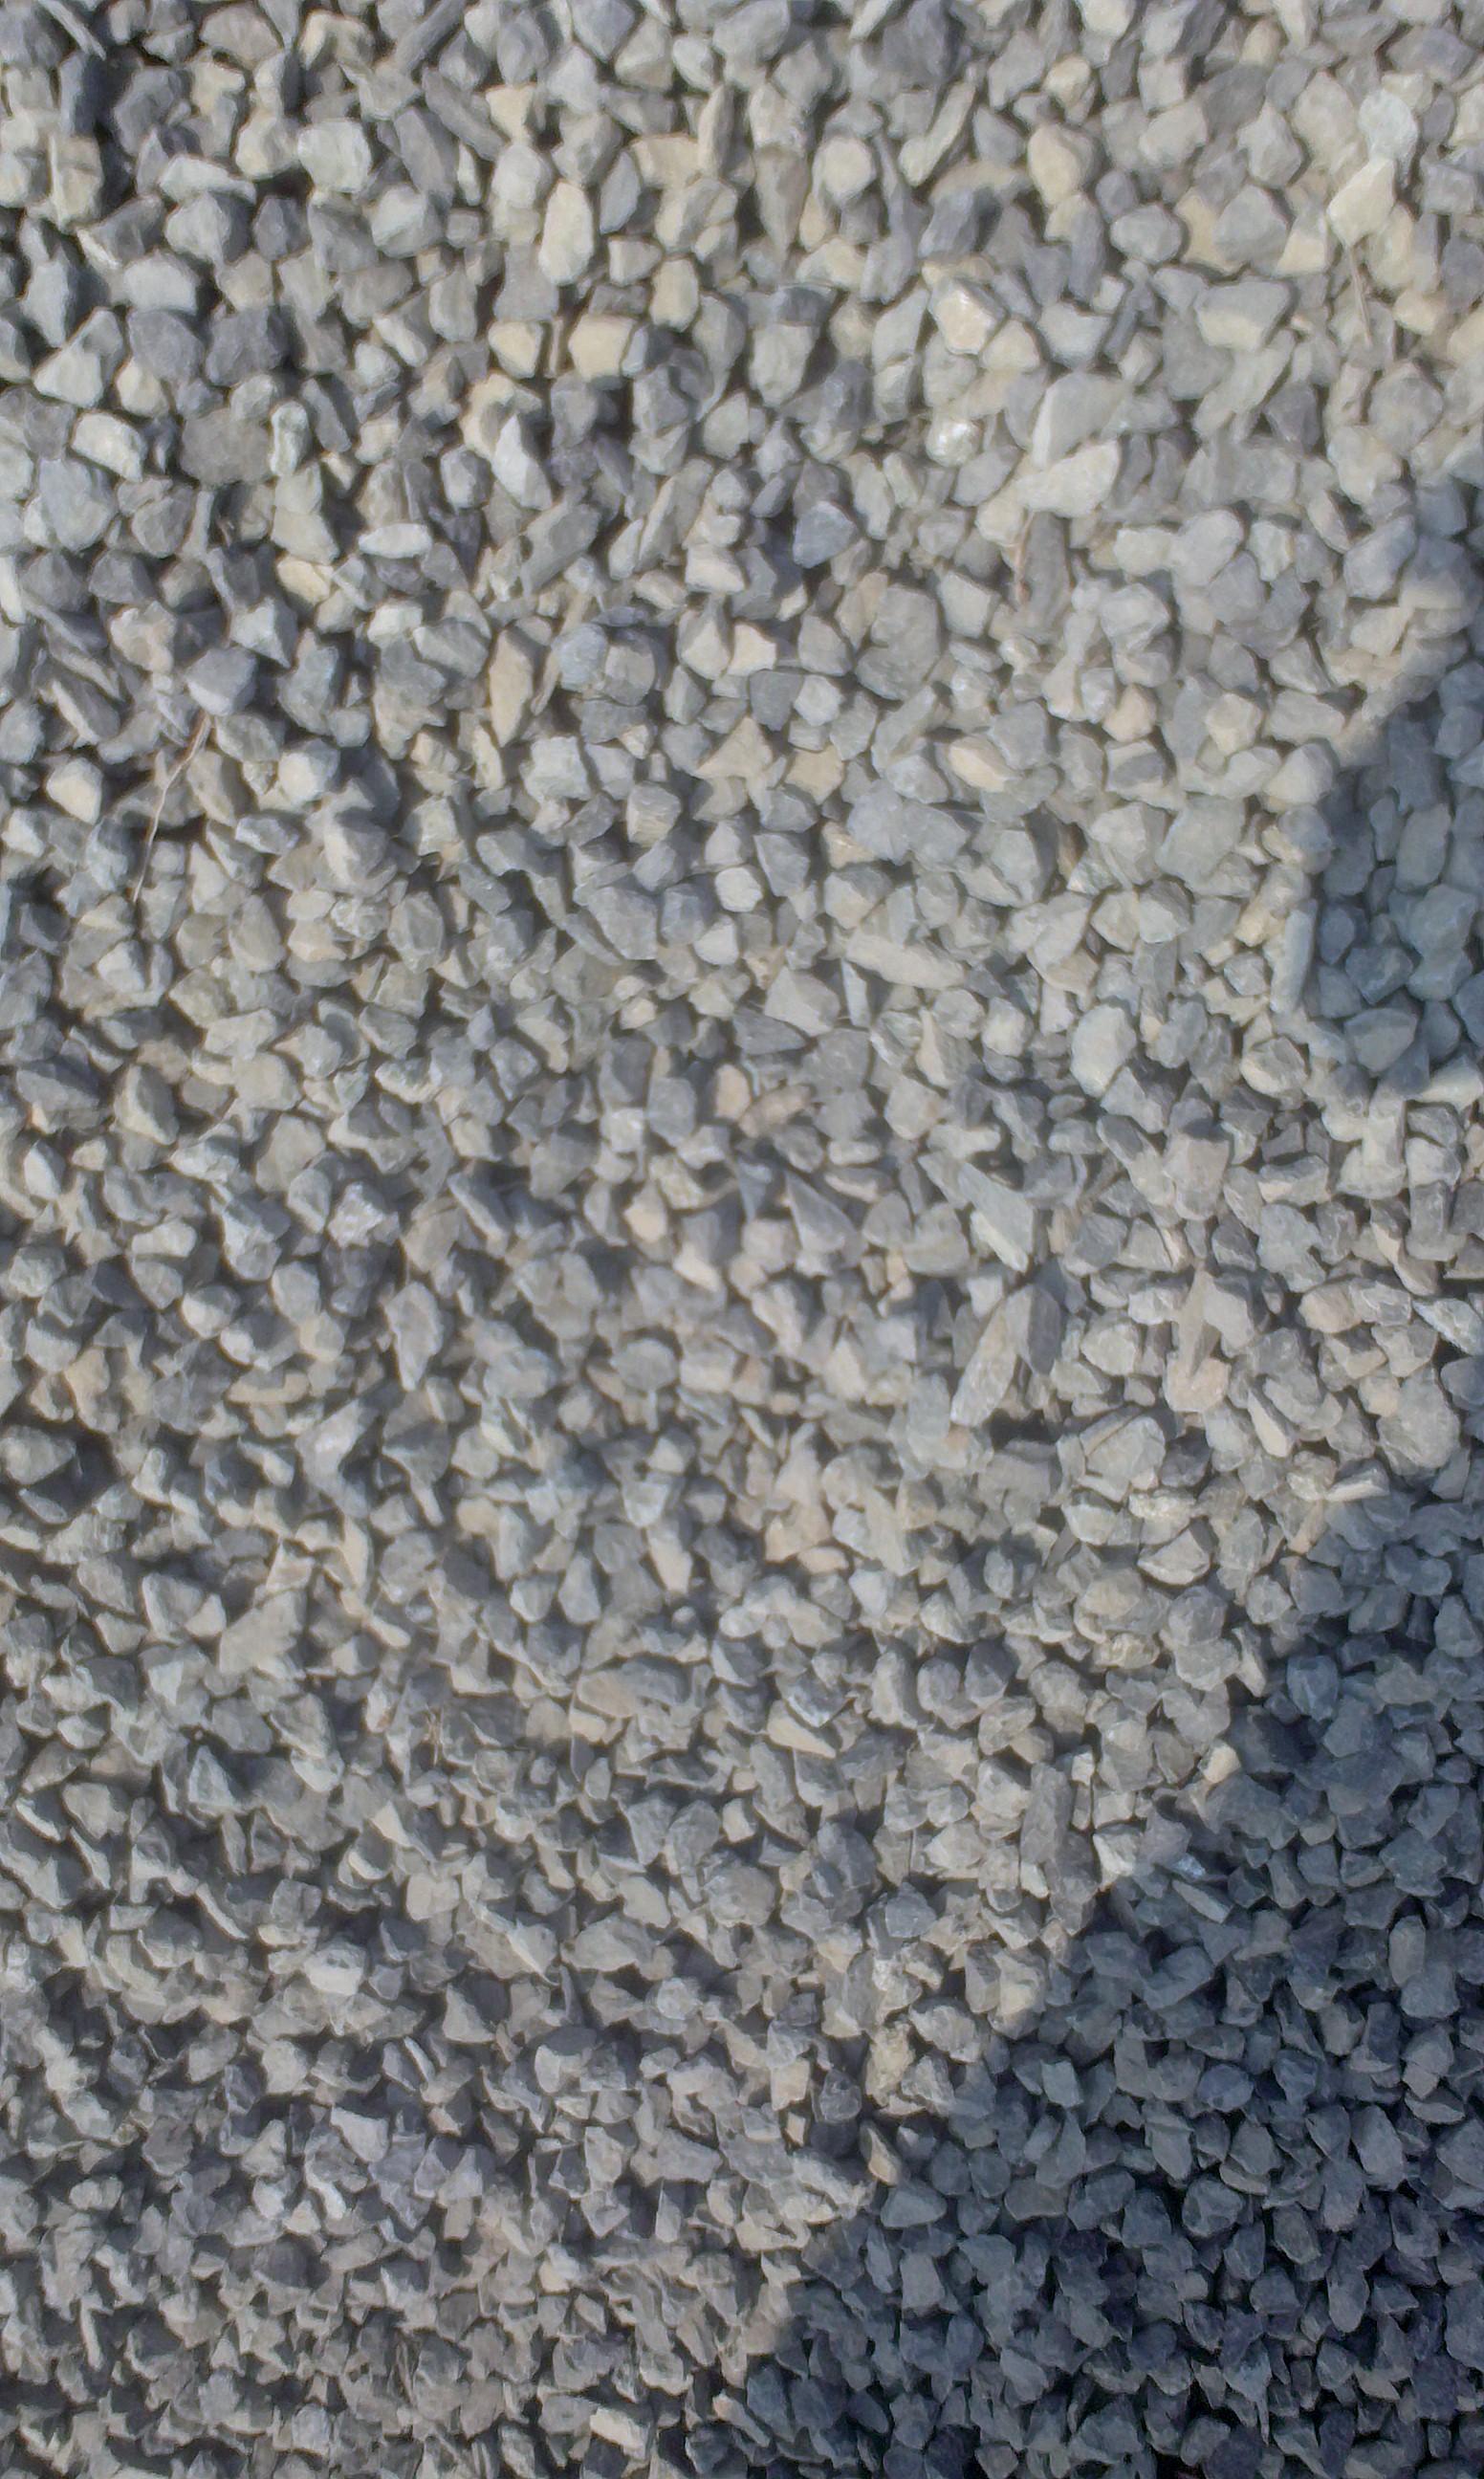 本公司生产的玄武岩石子,石质坚硬,不易风化,质量可靠,规格齐全,有0.5cm-1.0cm,1.0cm-1.5cm高速公路,飞机场,赛车场专用玄武岩石子,铁路道砟石,石硝,石粉等,在销售建设以及使用过程当中,深受广大客户的好评。欢迎各地朋友们前来洽谈,考察!15953315222王经理